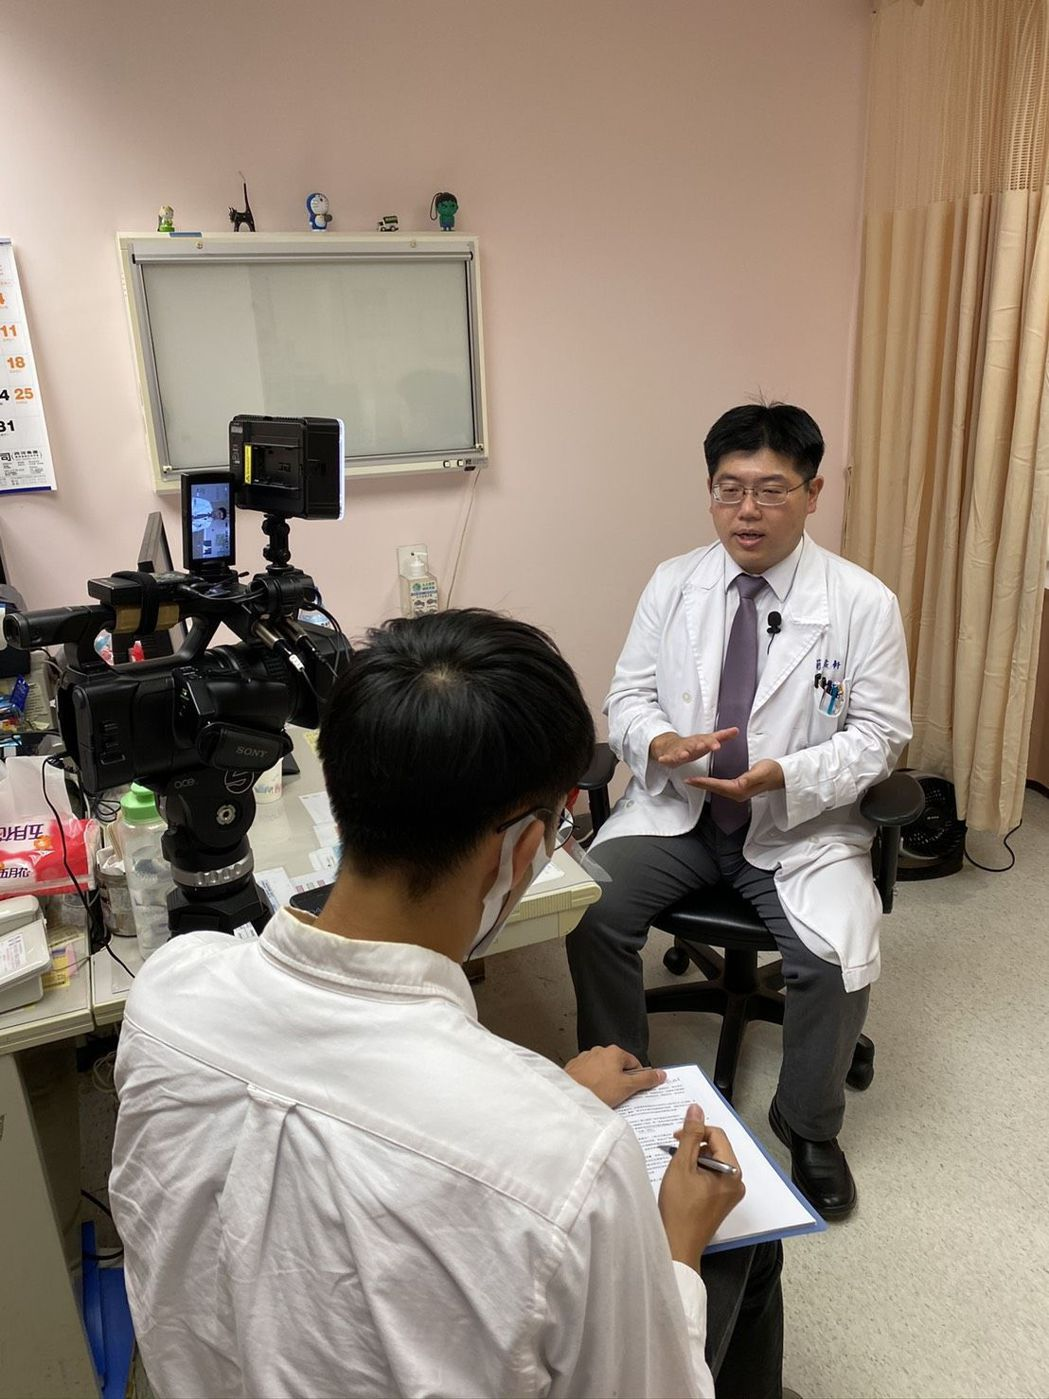 新光醫院小兒科主治醫師簡佑軒提醒民眾防疫要小心謹慎。 優尼克/提供